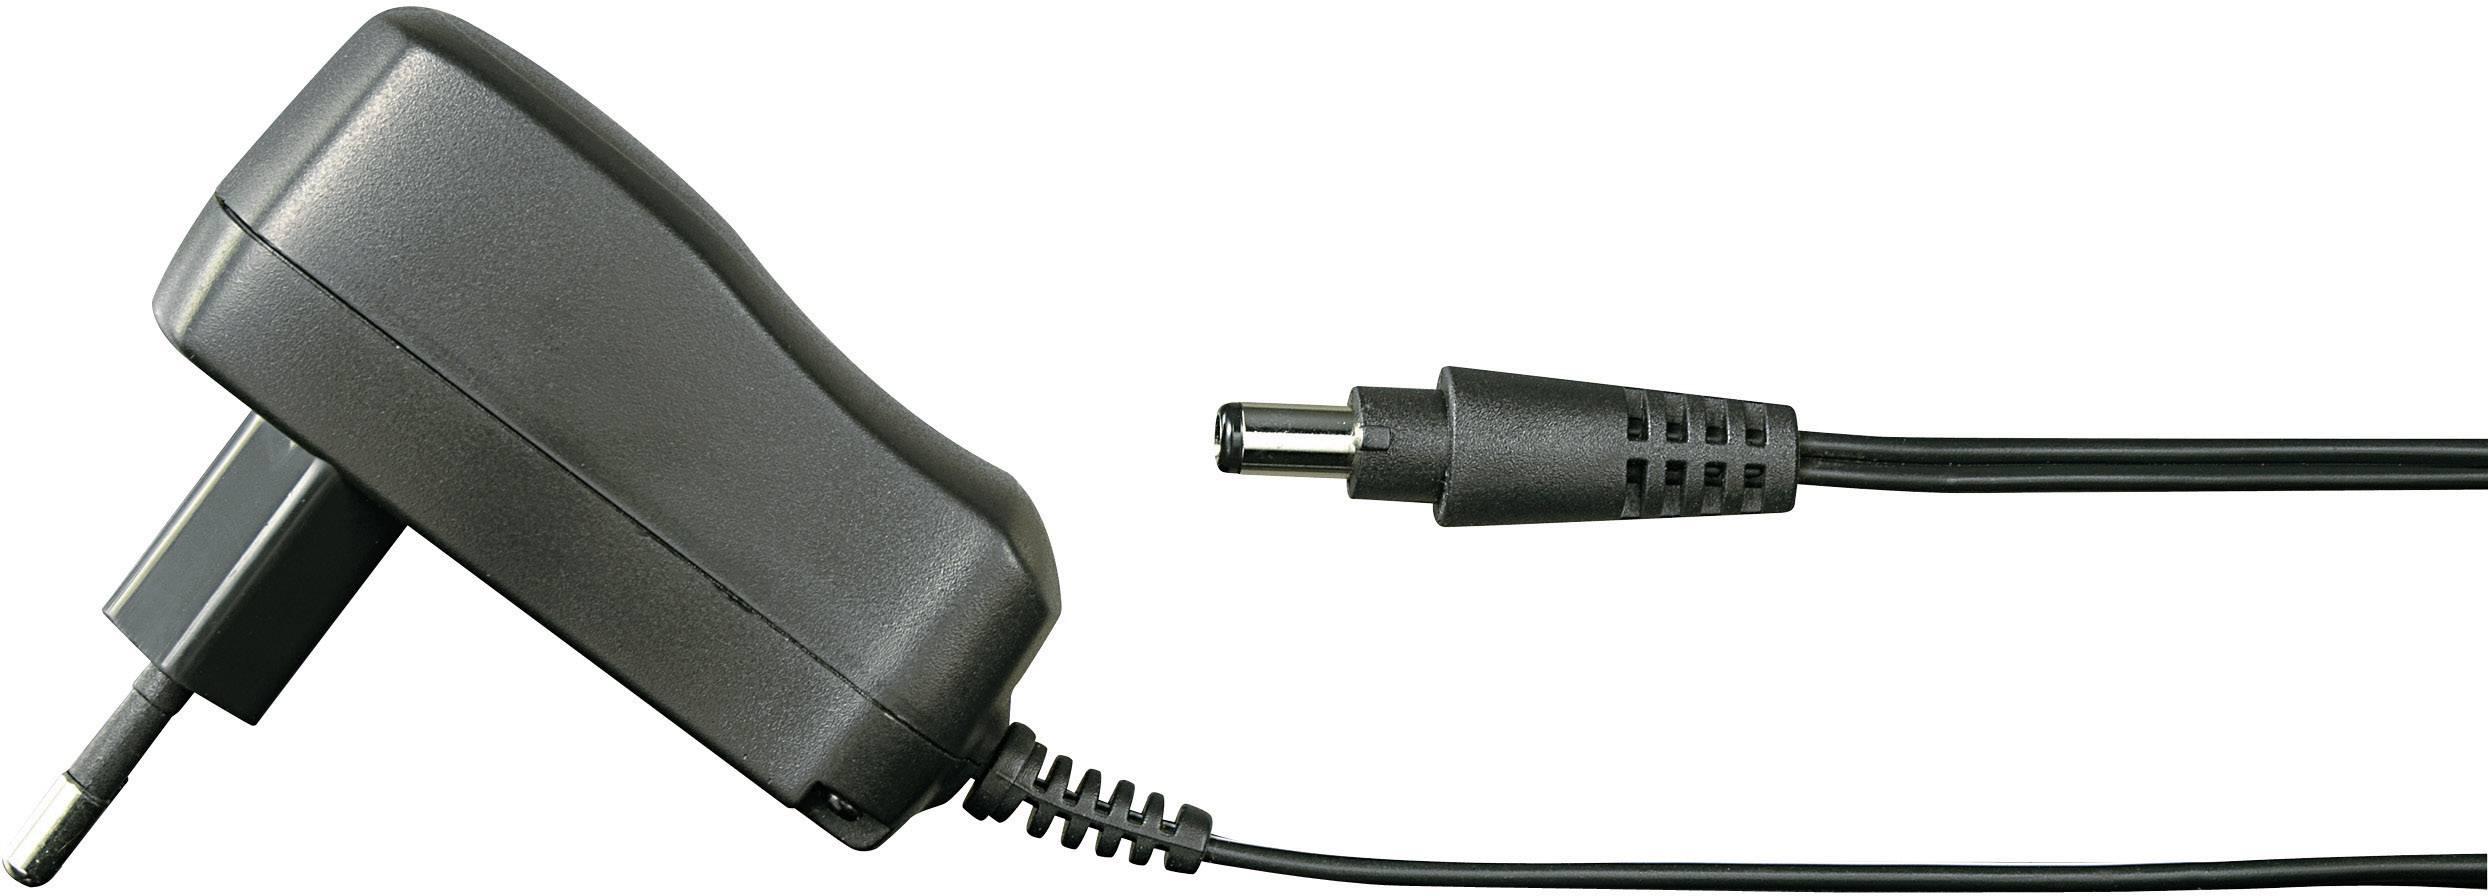 Zásuvkový adaptér so stálym napätím VOLTCRAFT FPPS 12-6W, 6 W, 500 mA